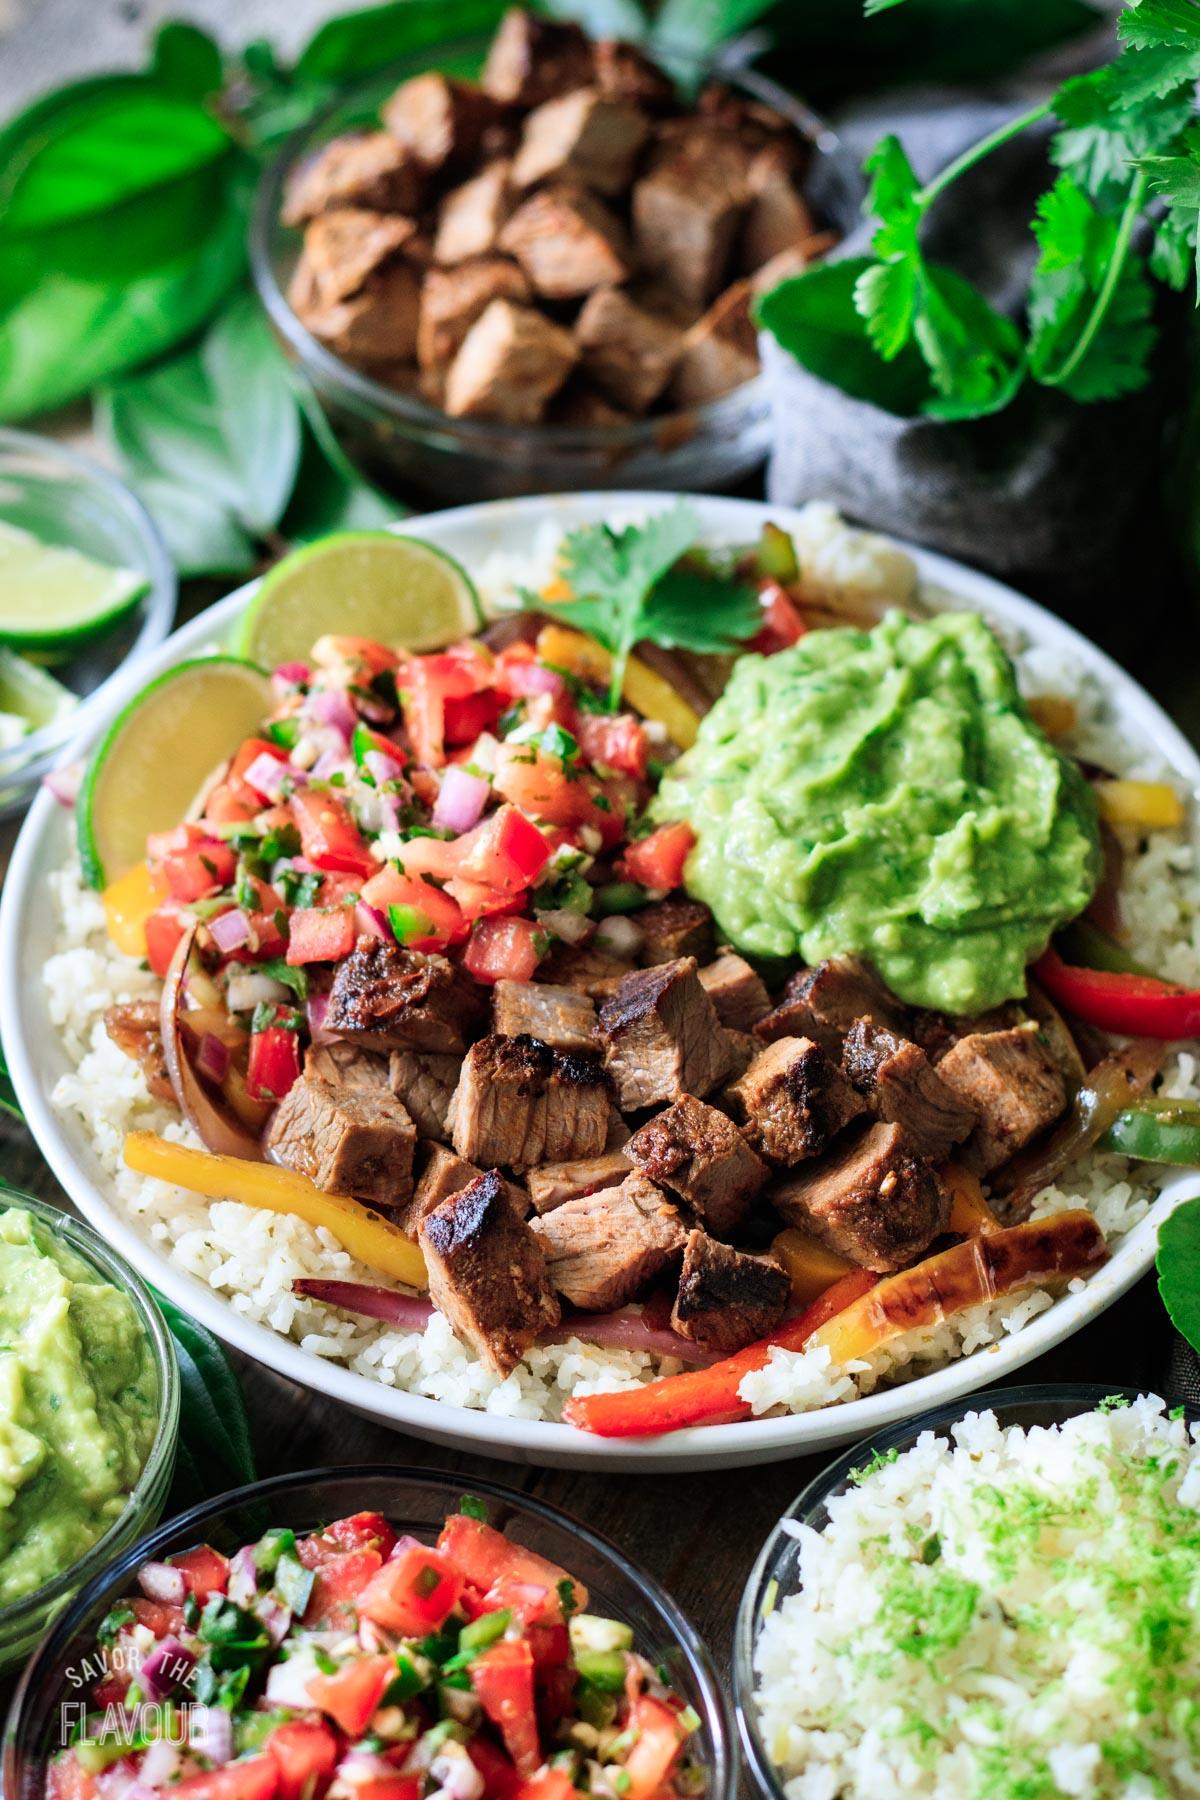 Chipotle steak in a bowl with rice, guac, and pico de gallo